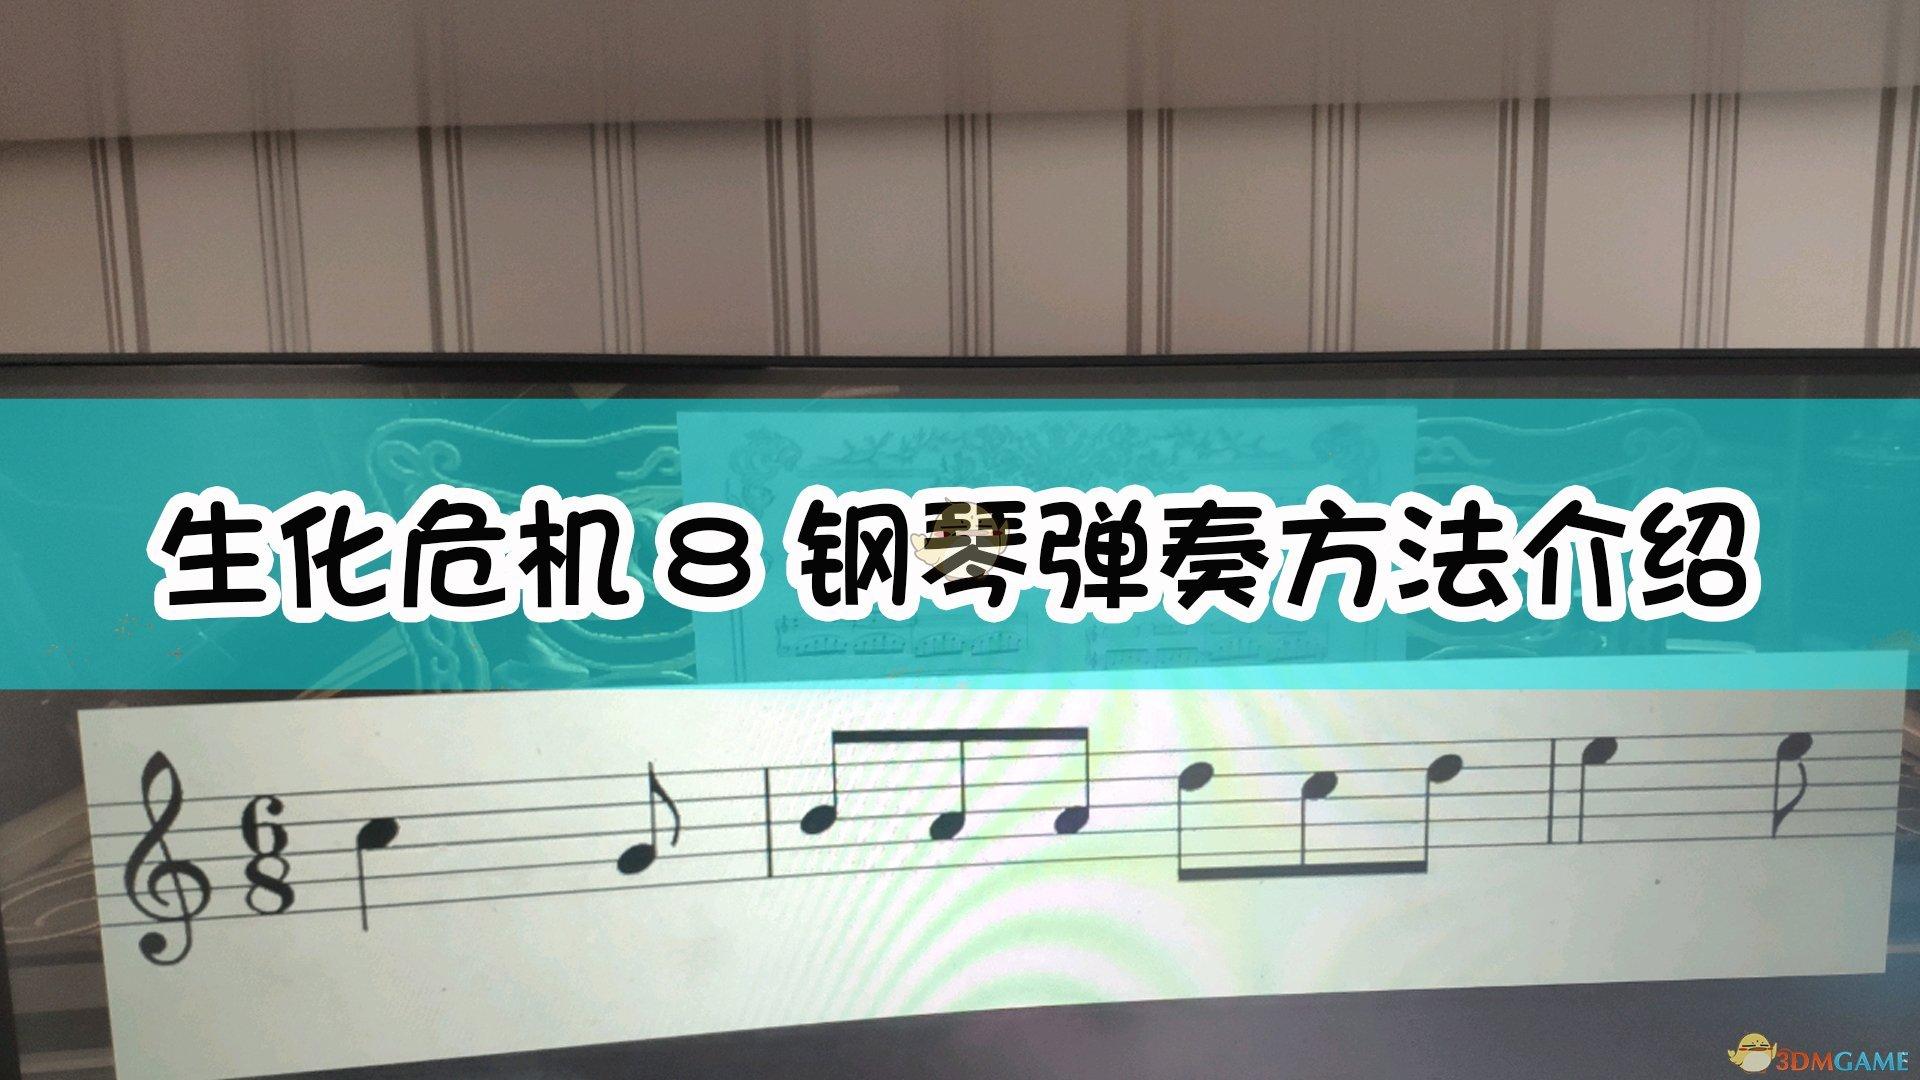 《生化危机8:村庄》钢琴弹奏方法介绍